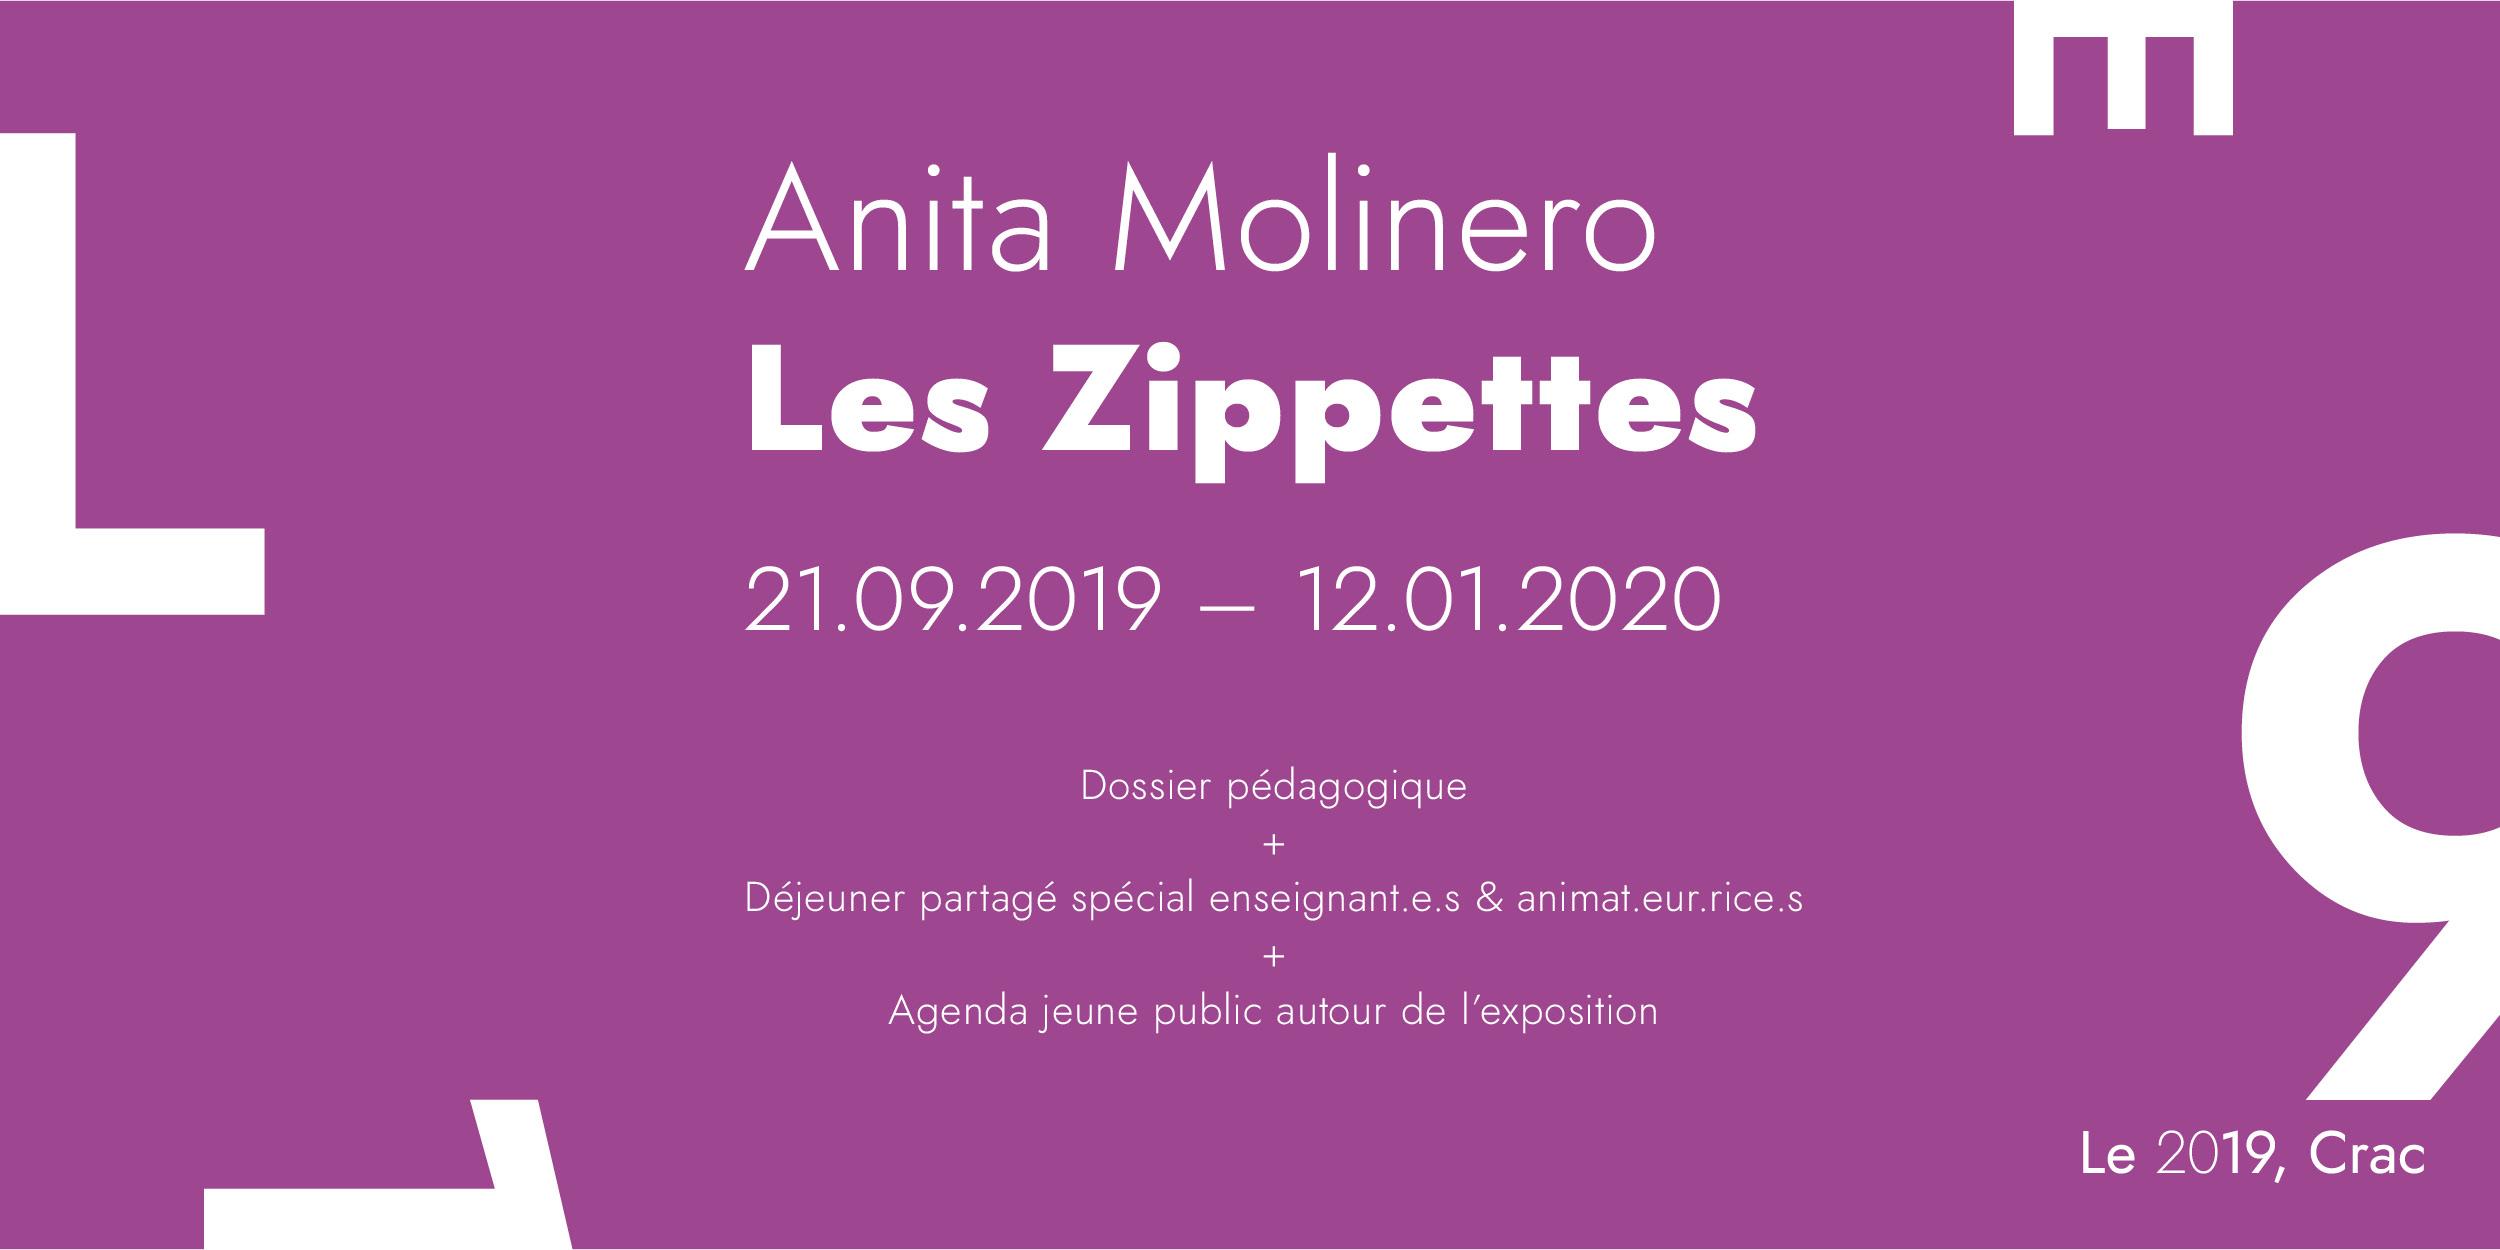 Dossier pédagogique Exposition Anita Molinero et déjeuner partagé enseignants et animateurs